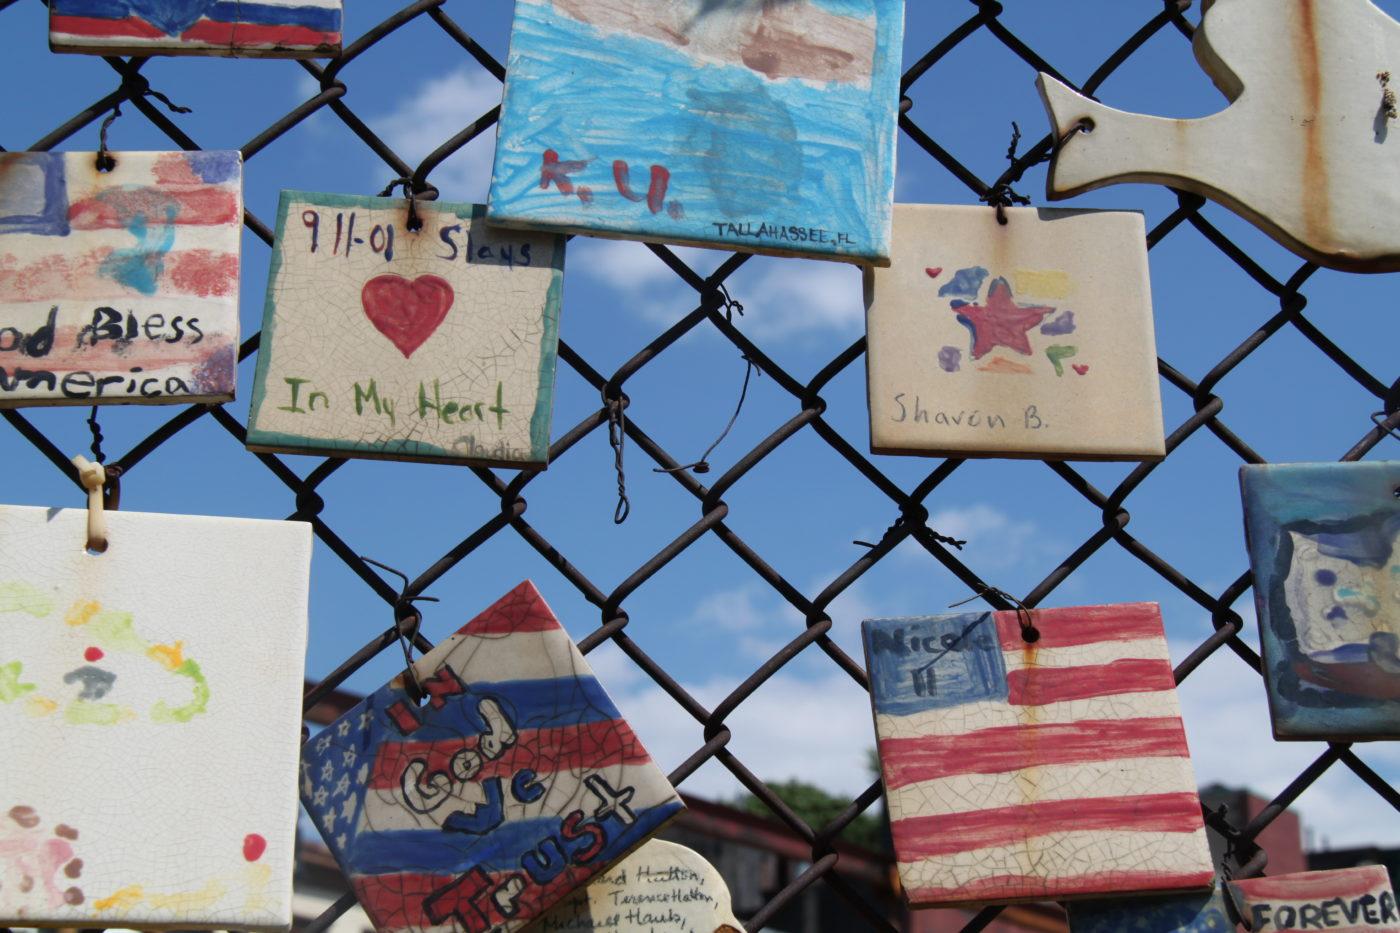 9-11 Stays in my Heart 06_30_2011.JPG